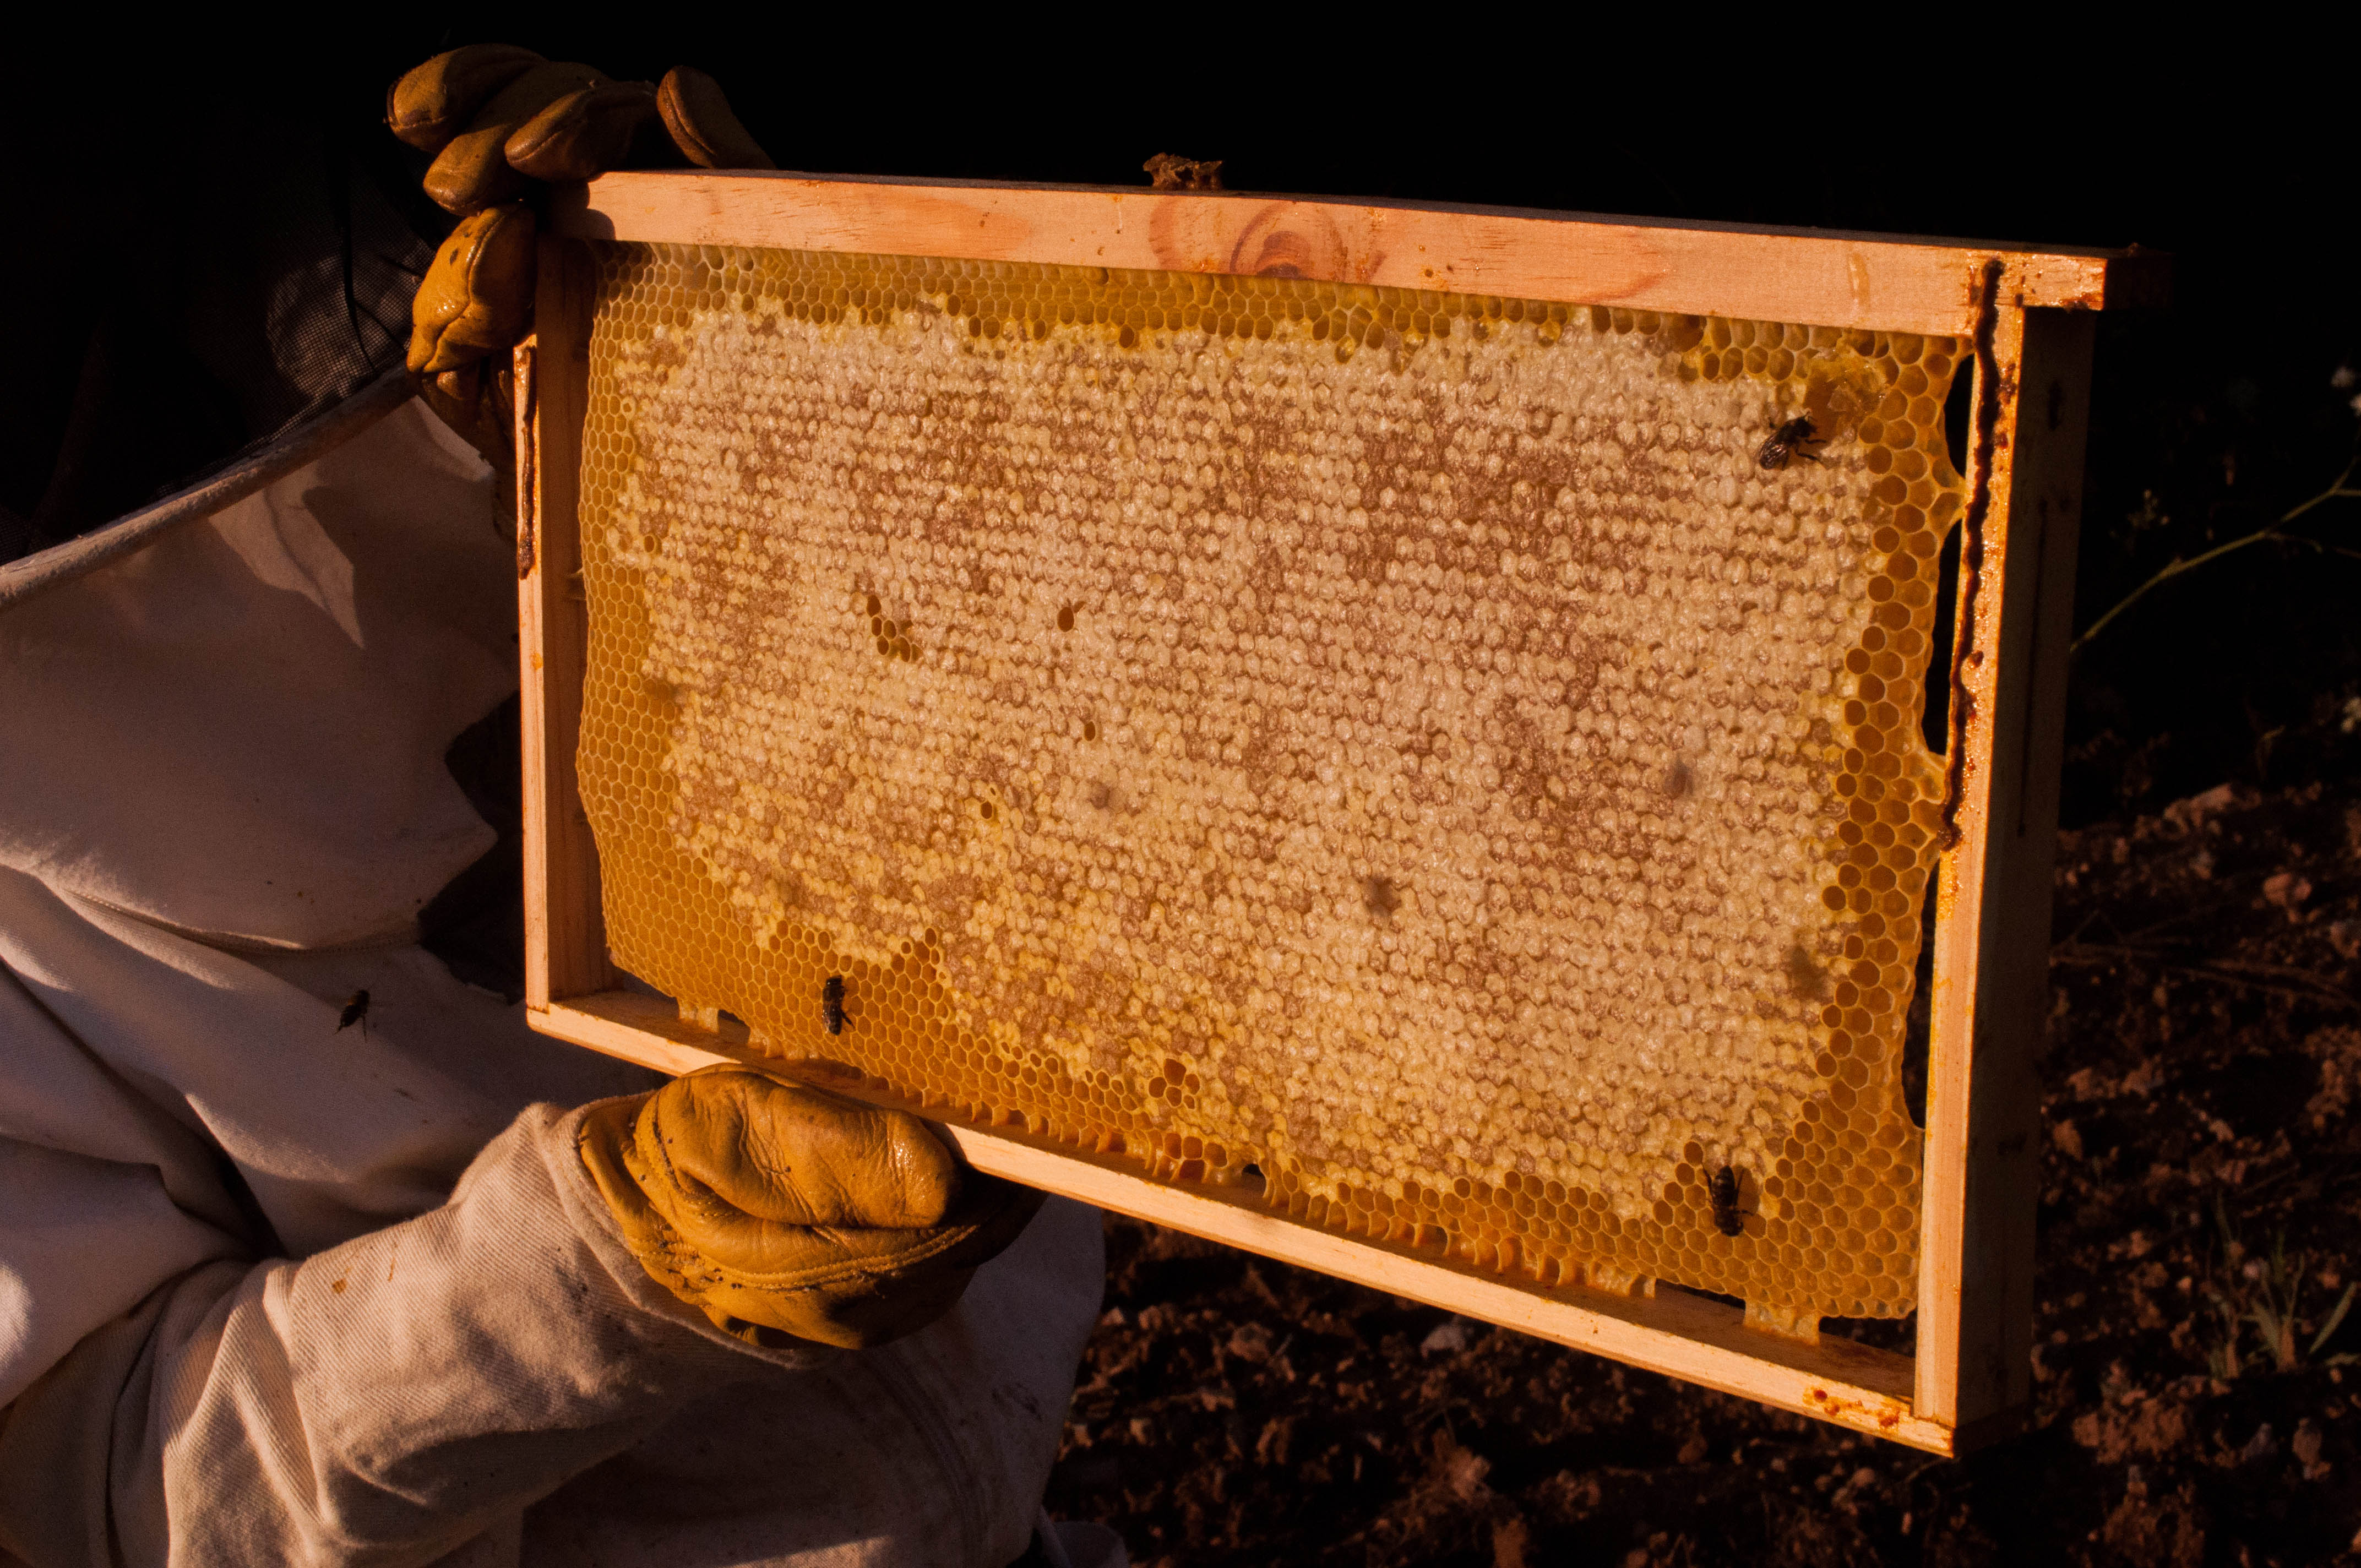 raw honey miel crudaLas Obreras de Aliste CB Artesanos de la Miel Aliste Gallegos del Campo Artesanos de la Miel